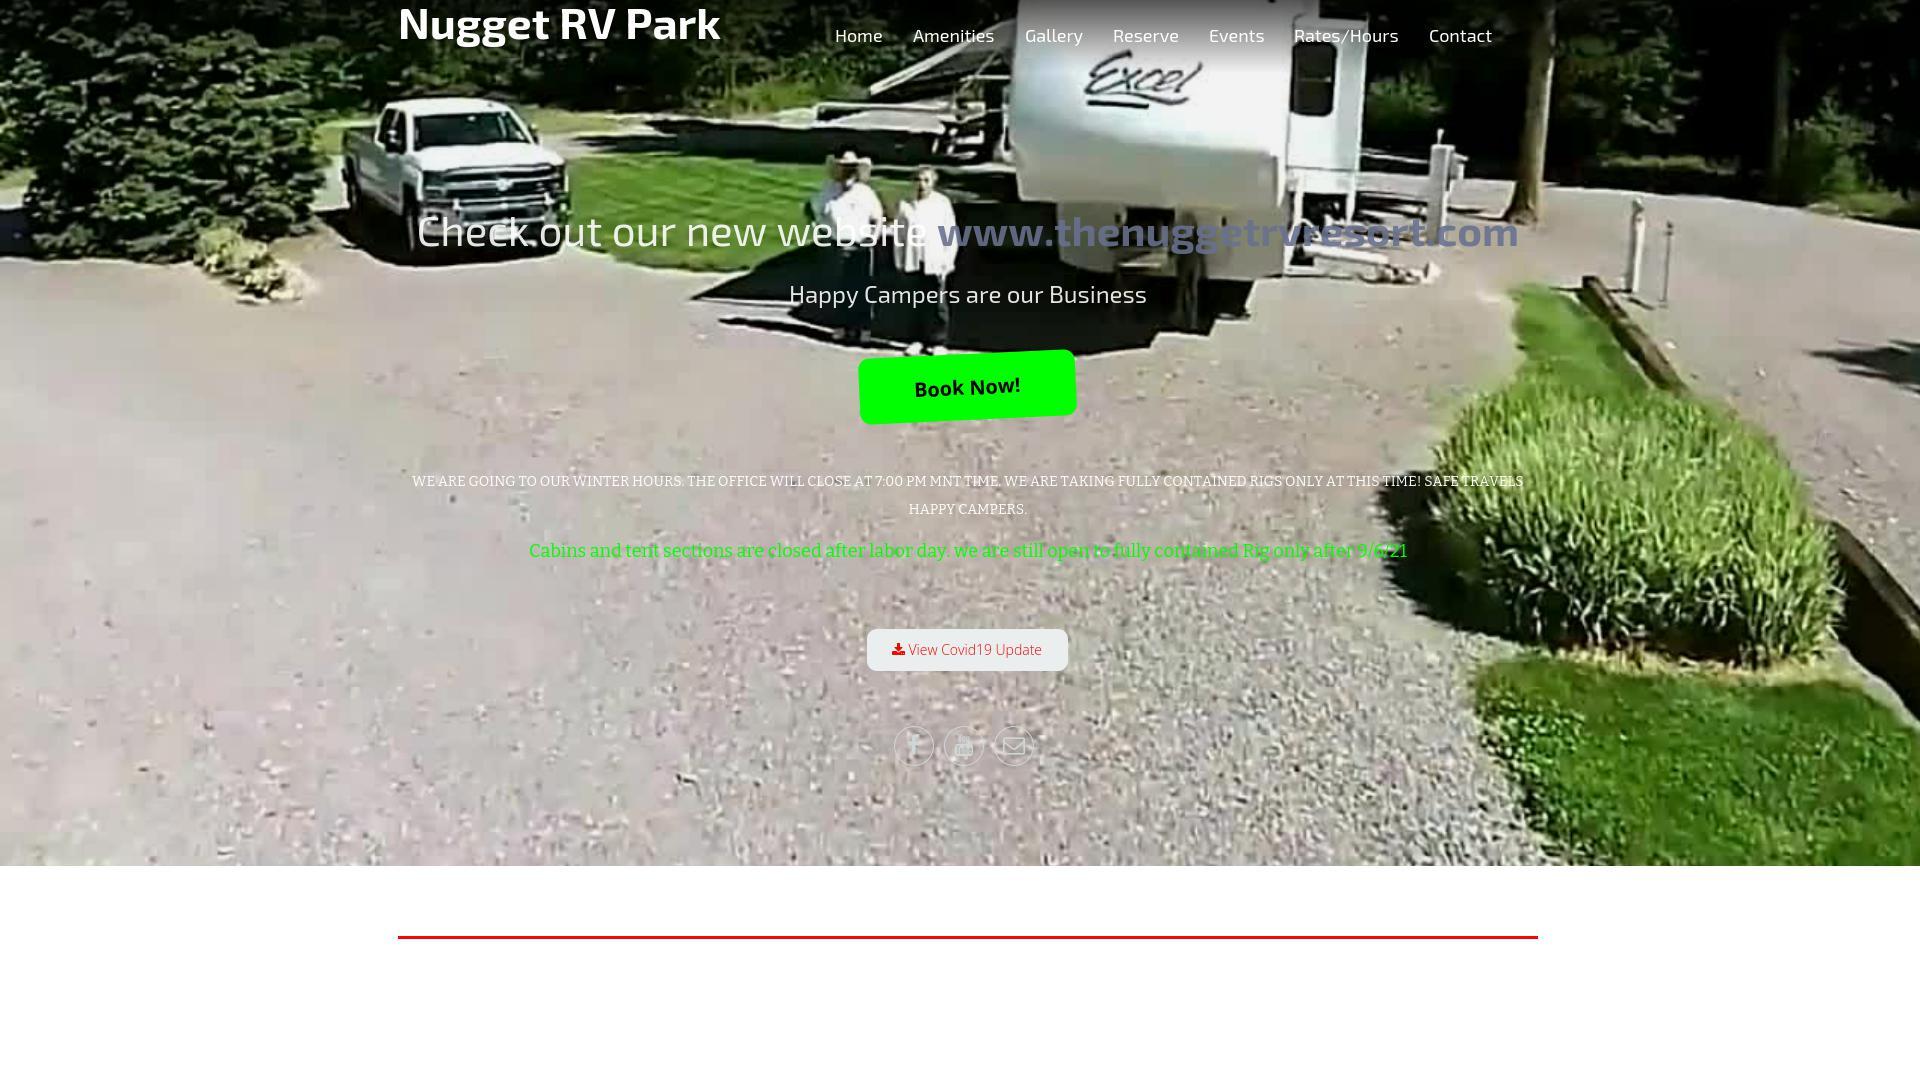 Nugget RV Park